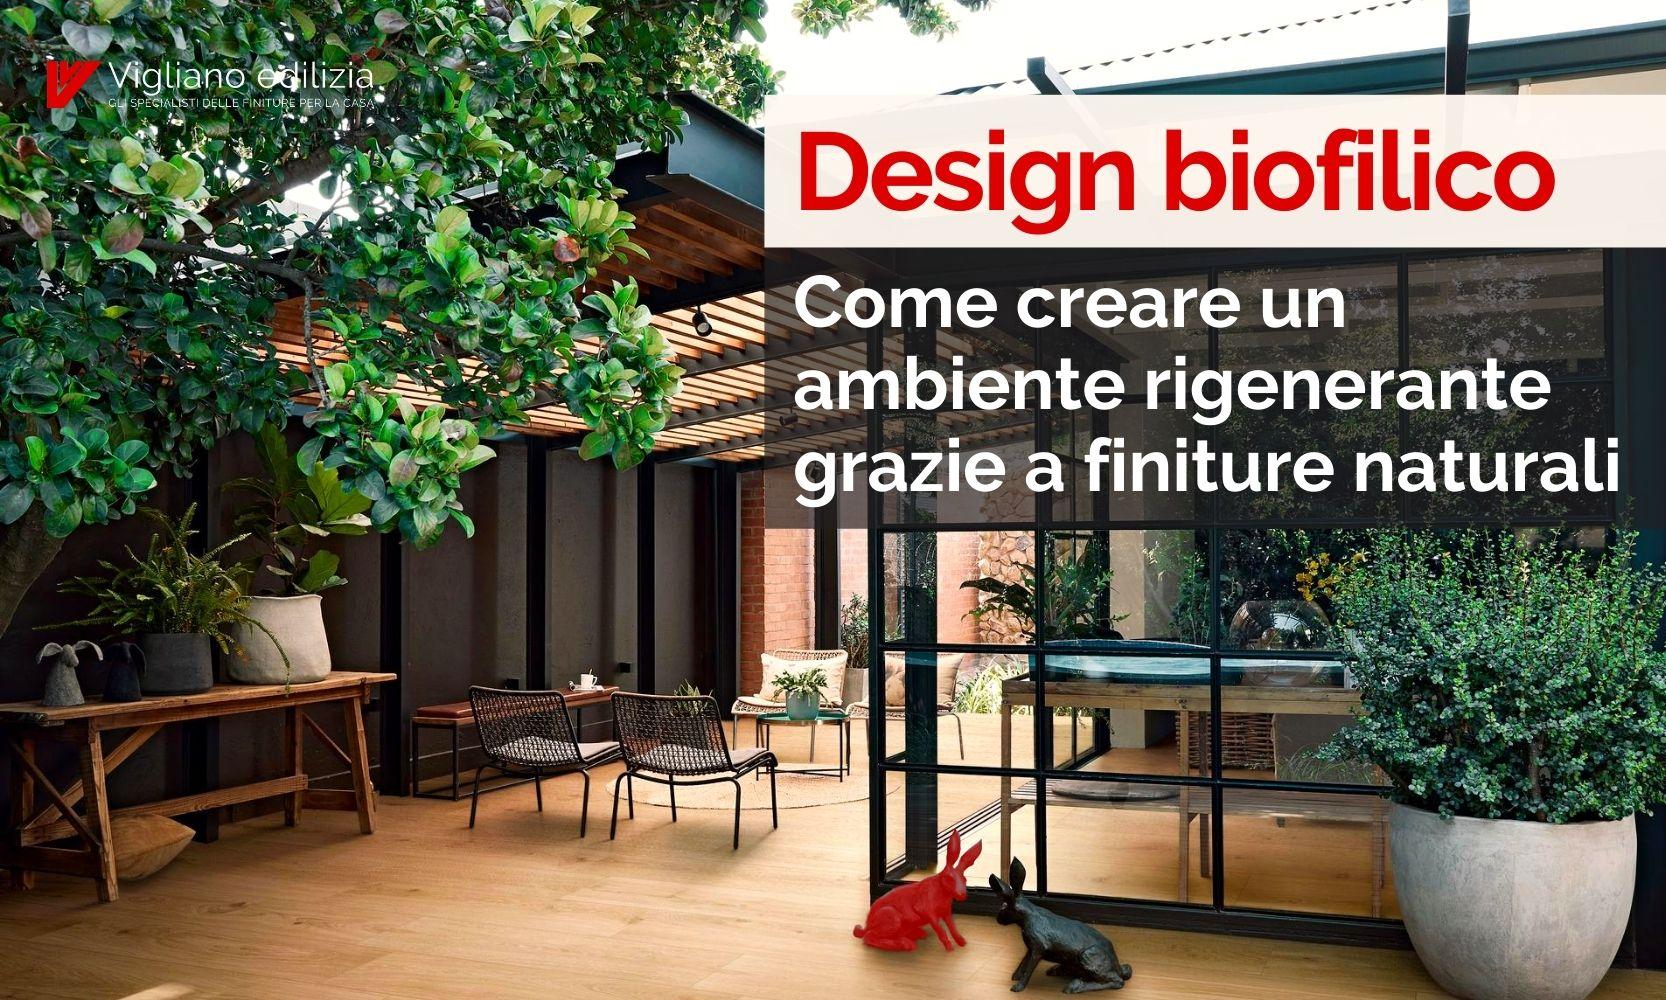 design biofilico-piastrelle naturali-grès naturale-design biofilico-piastrelle biofiliche-showroom piastrelle-showroom finiture-torino-vercelli